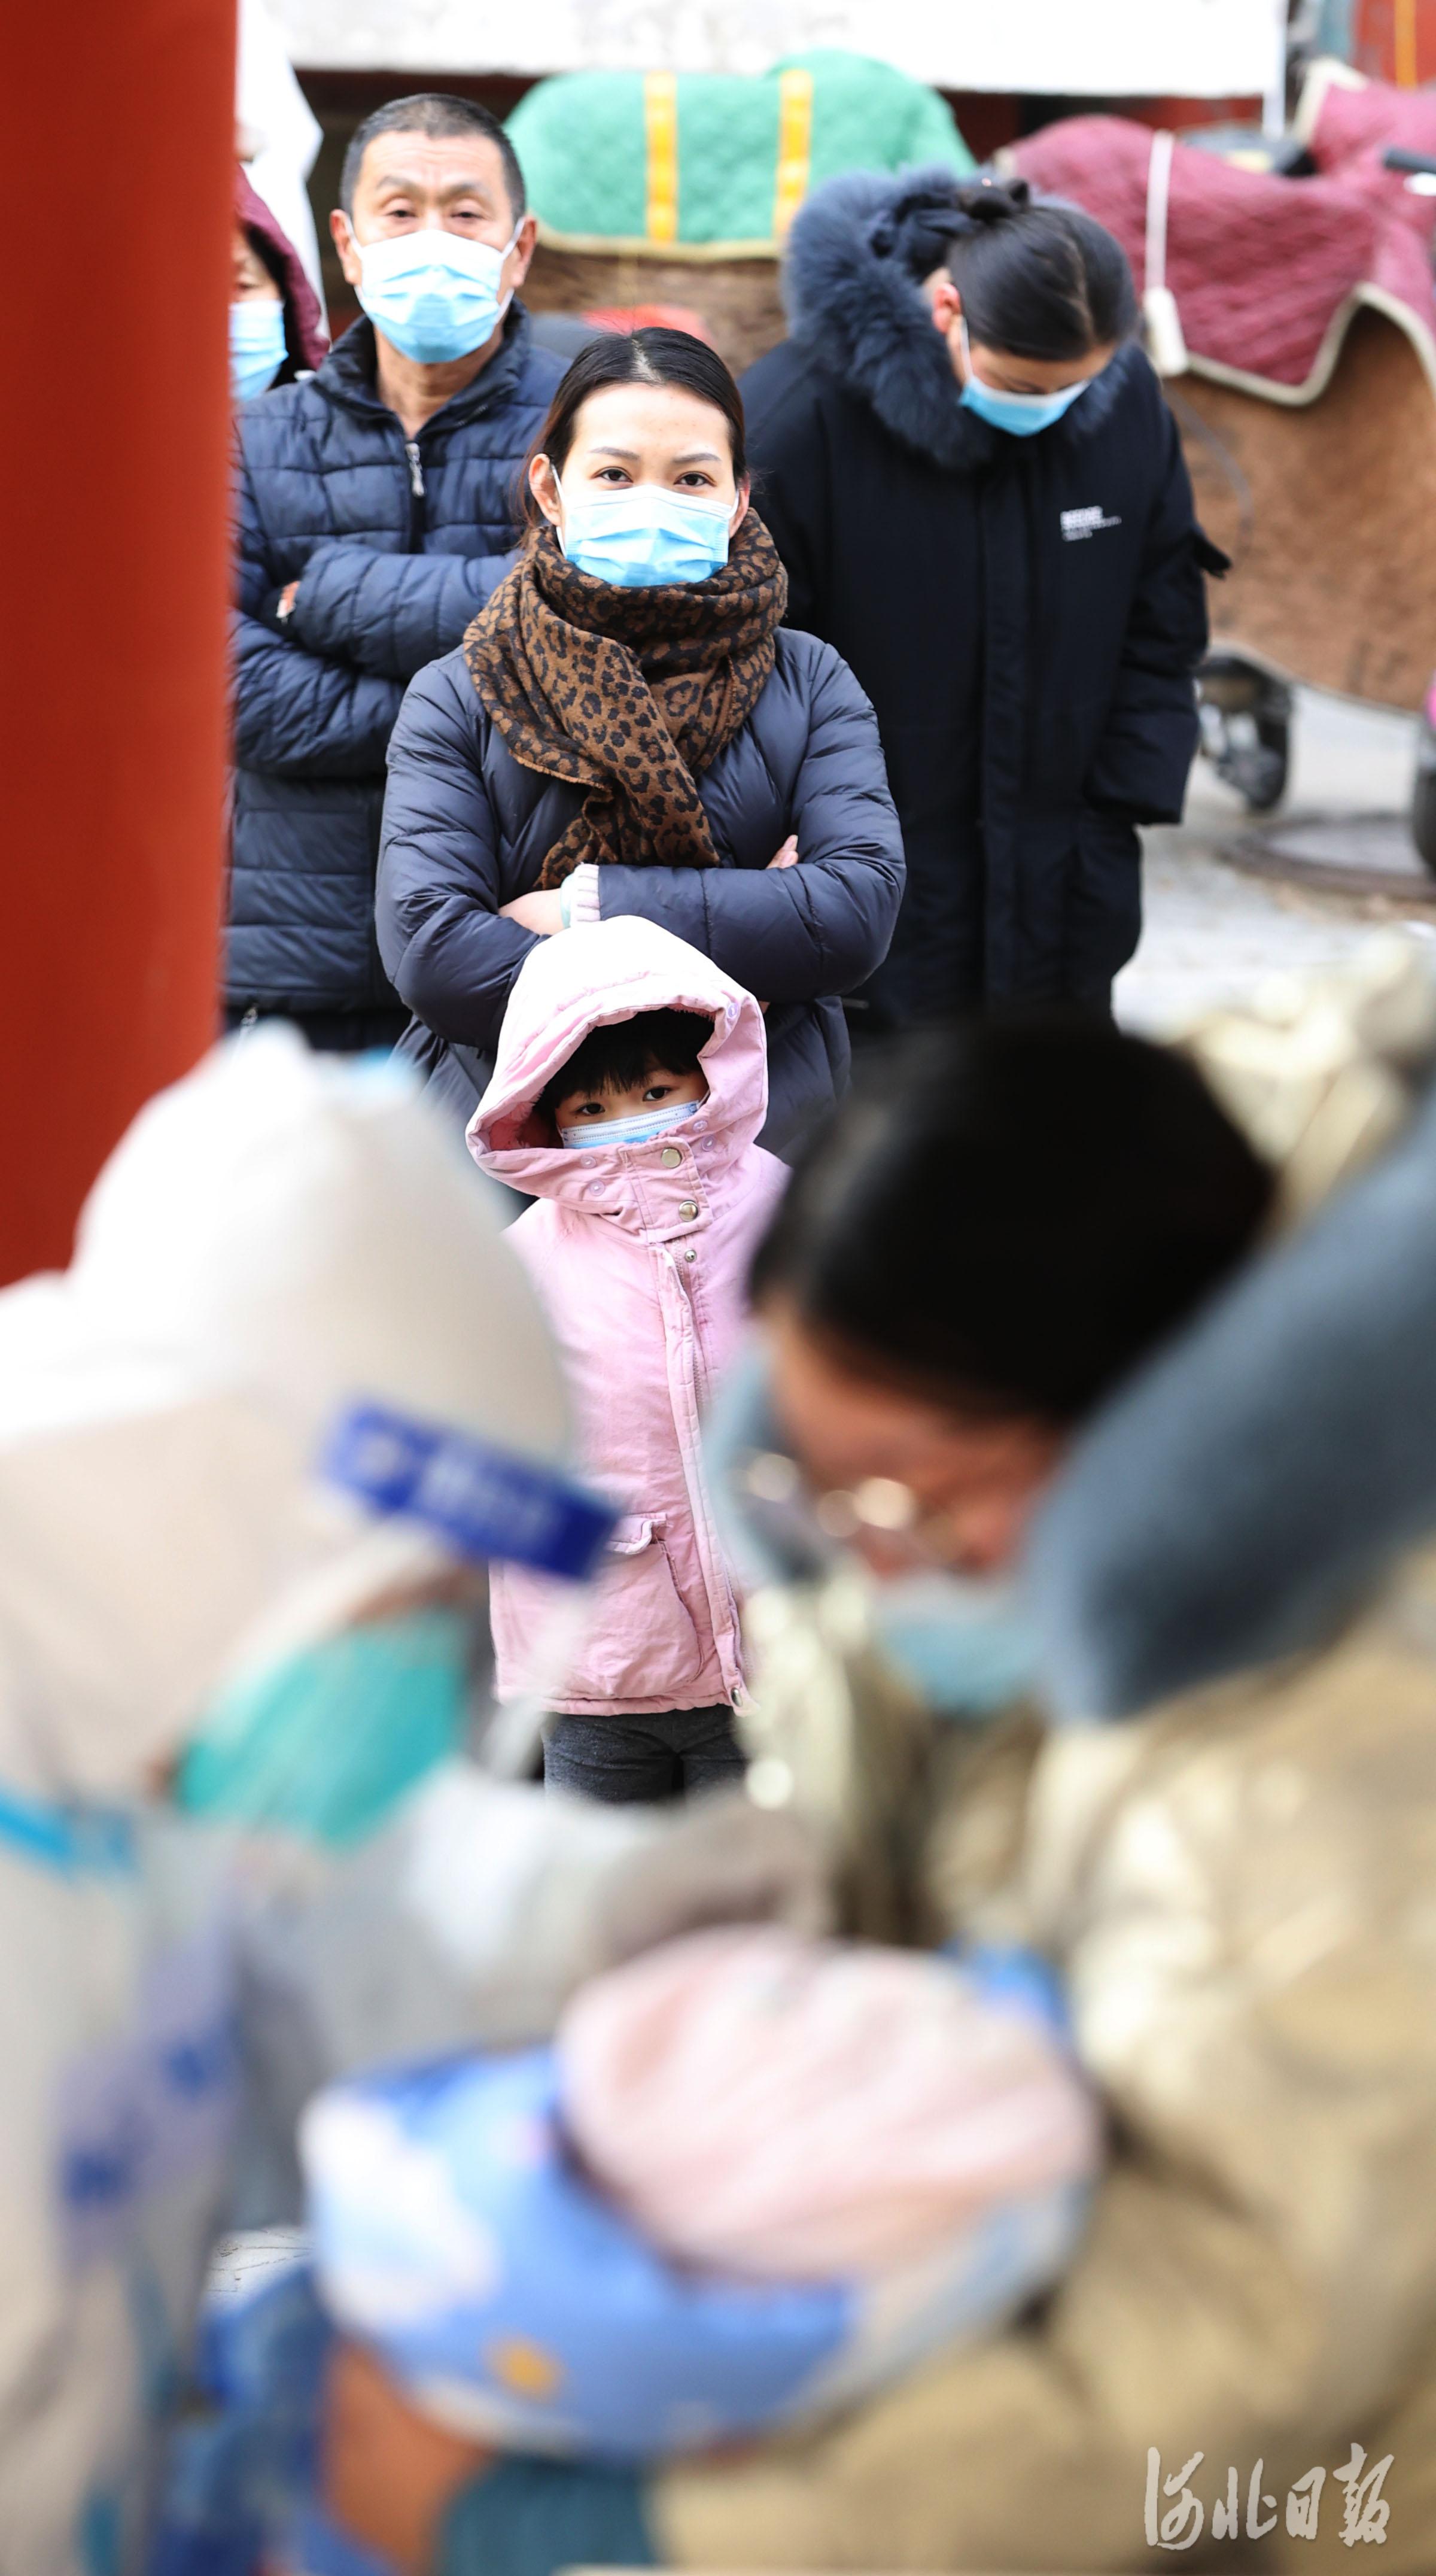 2021年1月12日,石家庄市新华区赵陵铺路街道党家庄社区的居民排队等待广东深圳核酸检测服务队进行核酸检测。